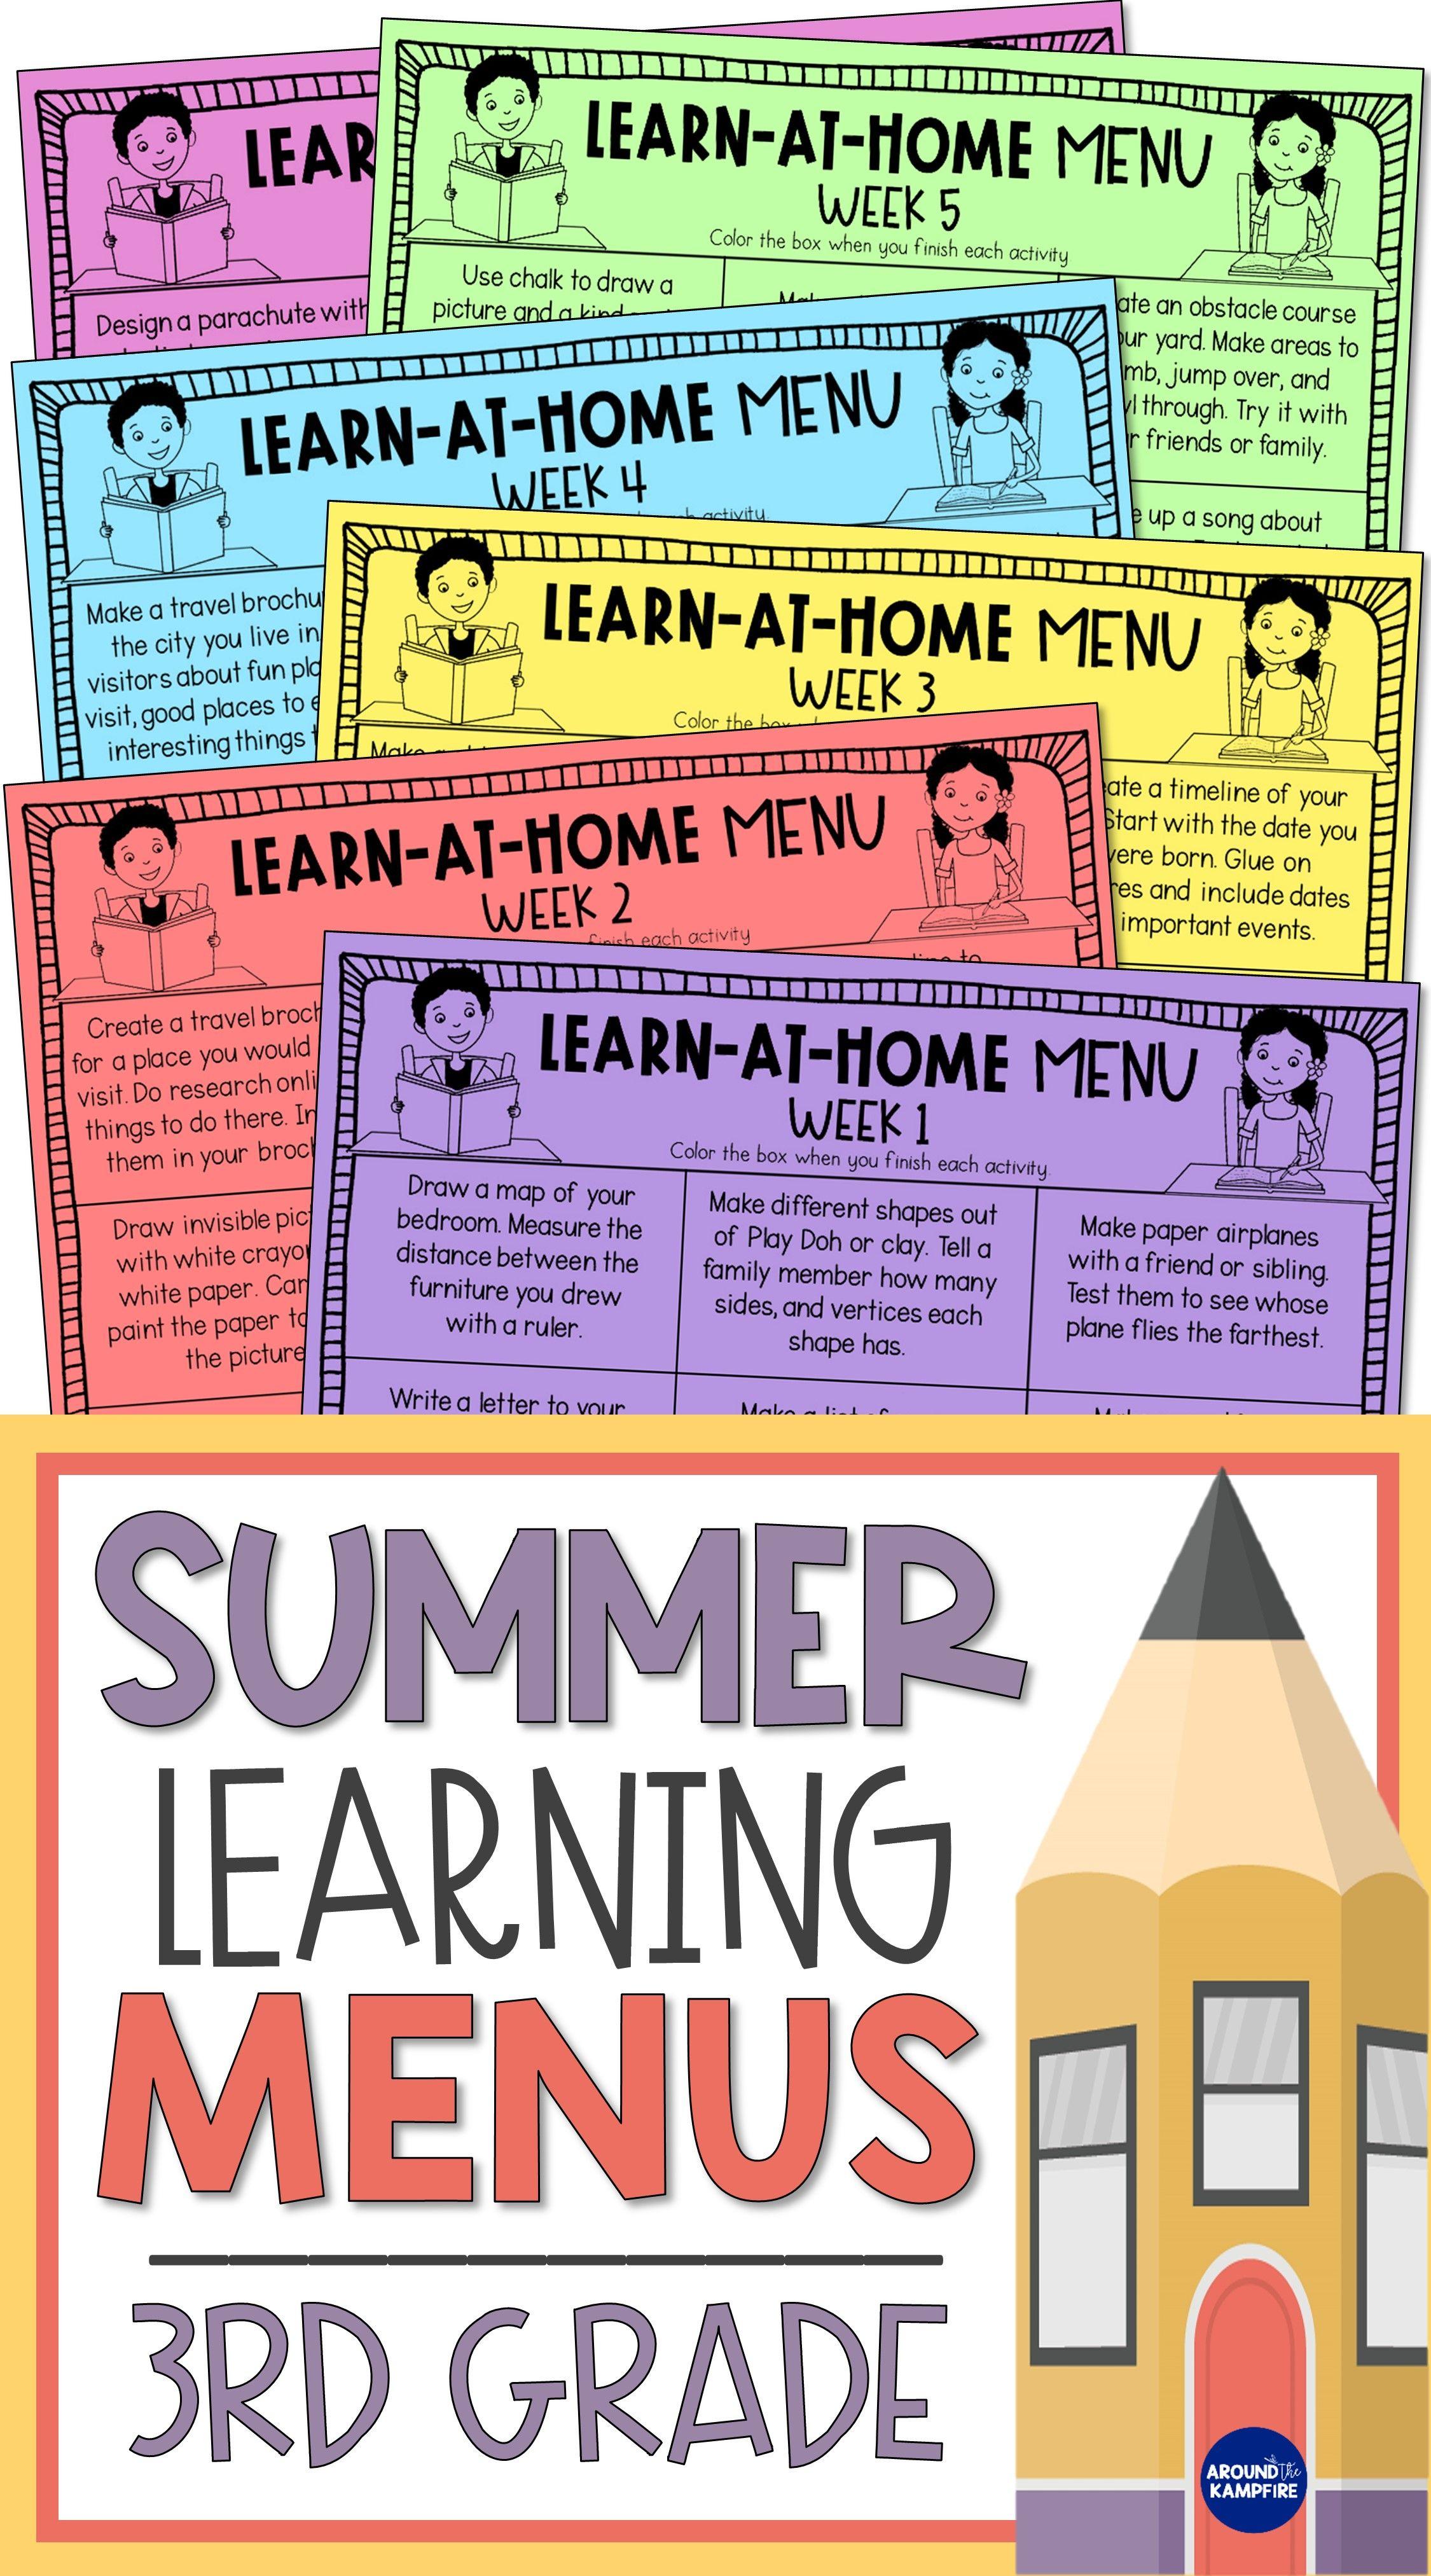 3rd Grade Summer Review Activities Parent Letter Letter To Parents Summer Learning Activities Summer Review Activities [ 4050 x 2250 Pixel ]